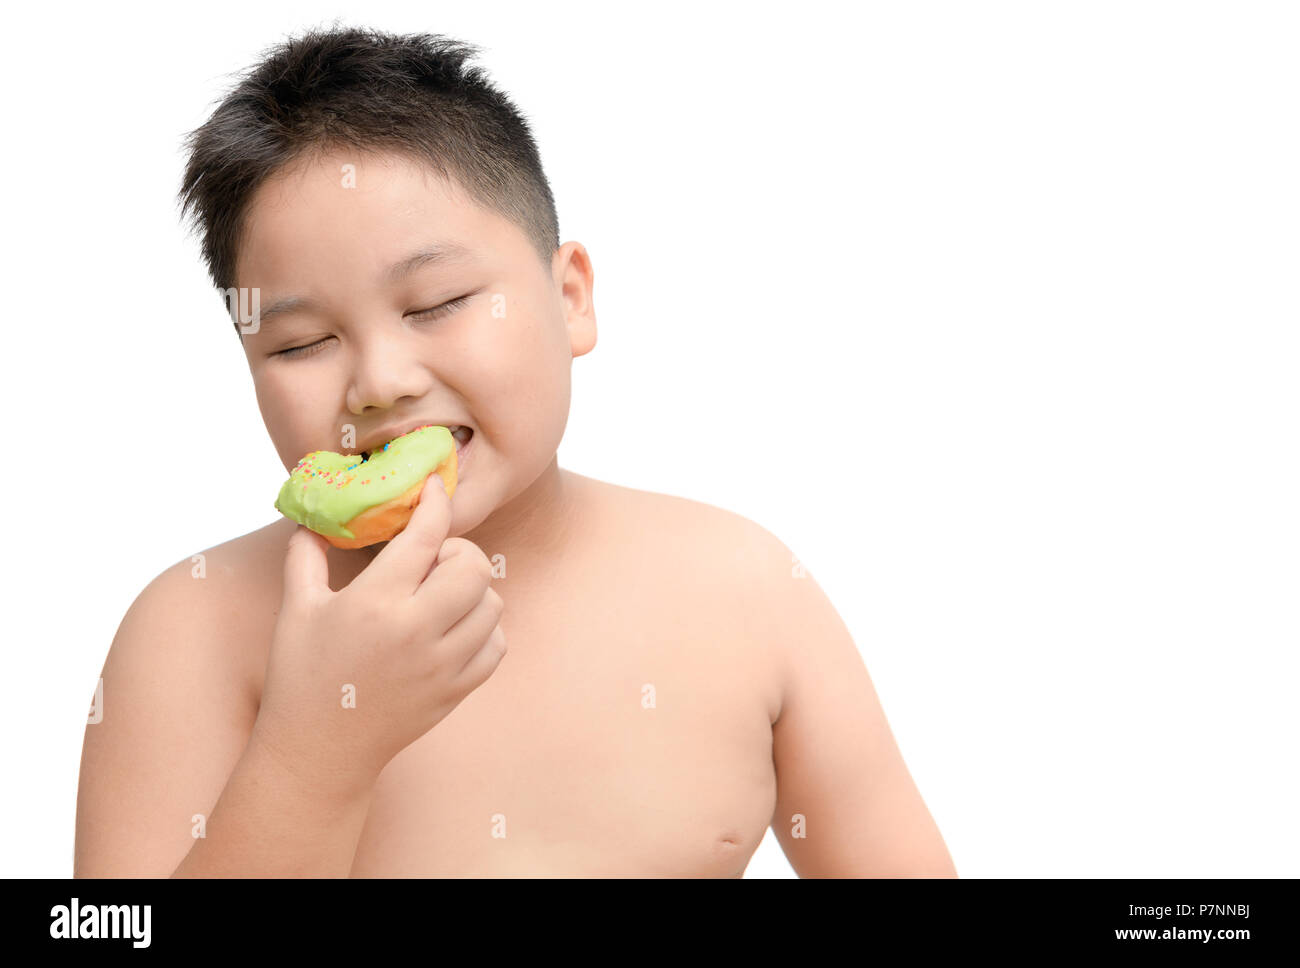 Obesi fat boy piace mangiare ciambella isolati su sfondo bianco, il cibo spazzatura e concetto di dieta Immagini Stock